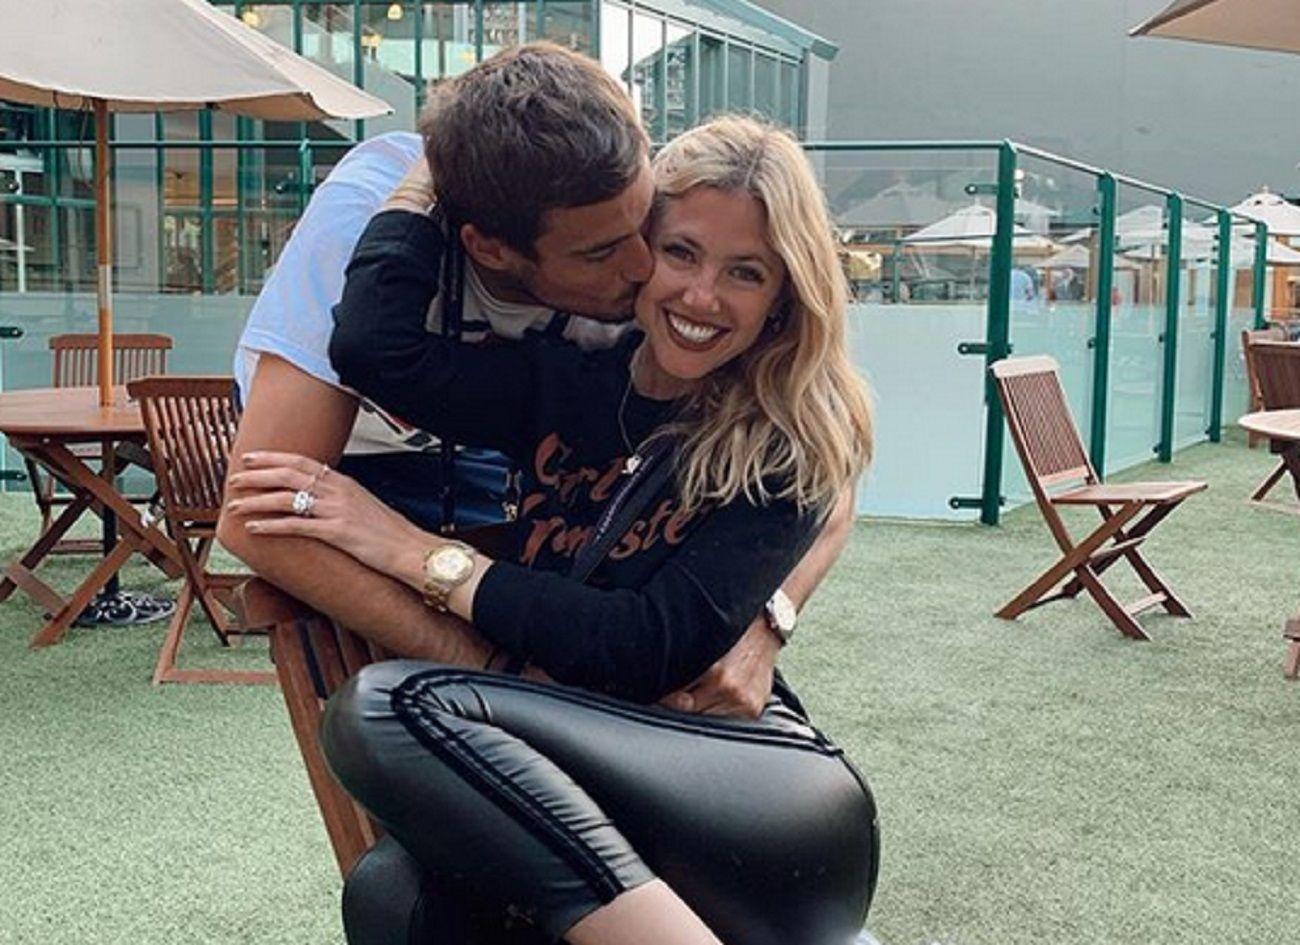 Mensajes de amor entre Stephanie Demmer y Guido Pella tras el triunfo en Wimbledon